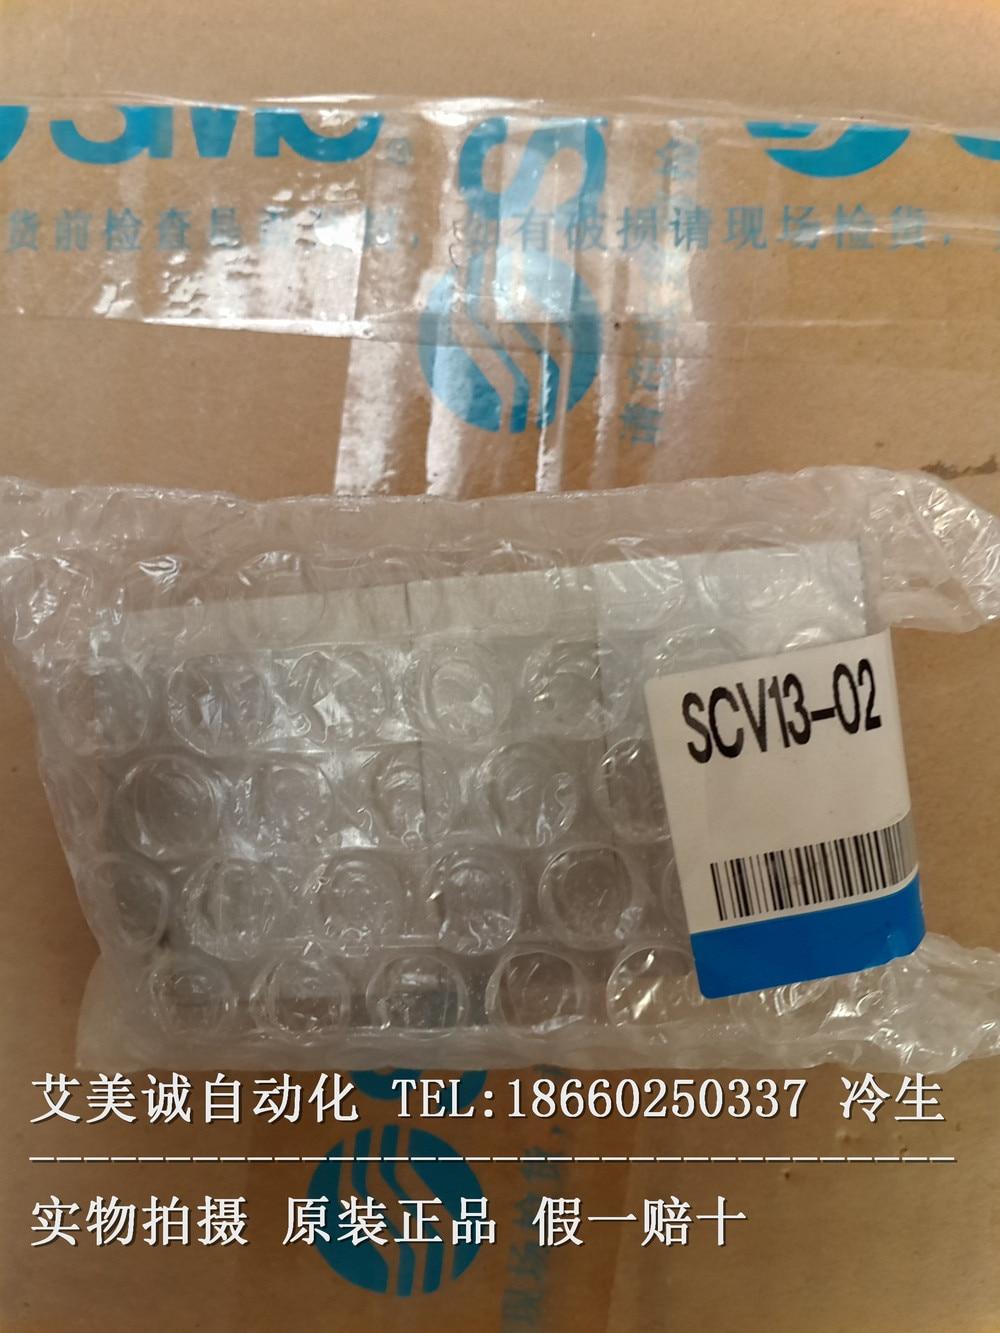 pneumatic control valve SCV13-02 new original genuinepneumatic control valve SCV13-02 new original genuine